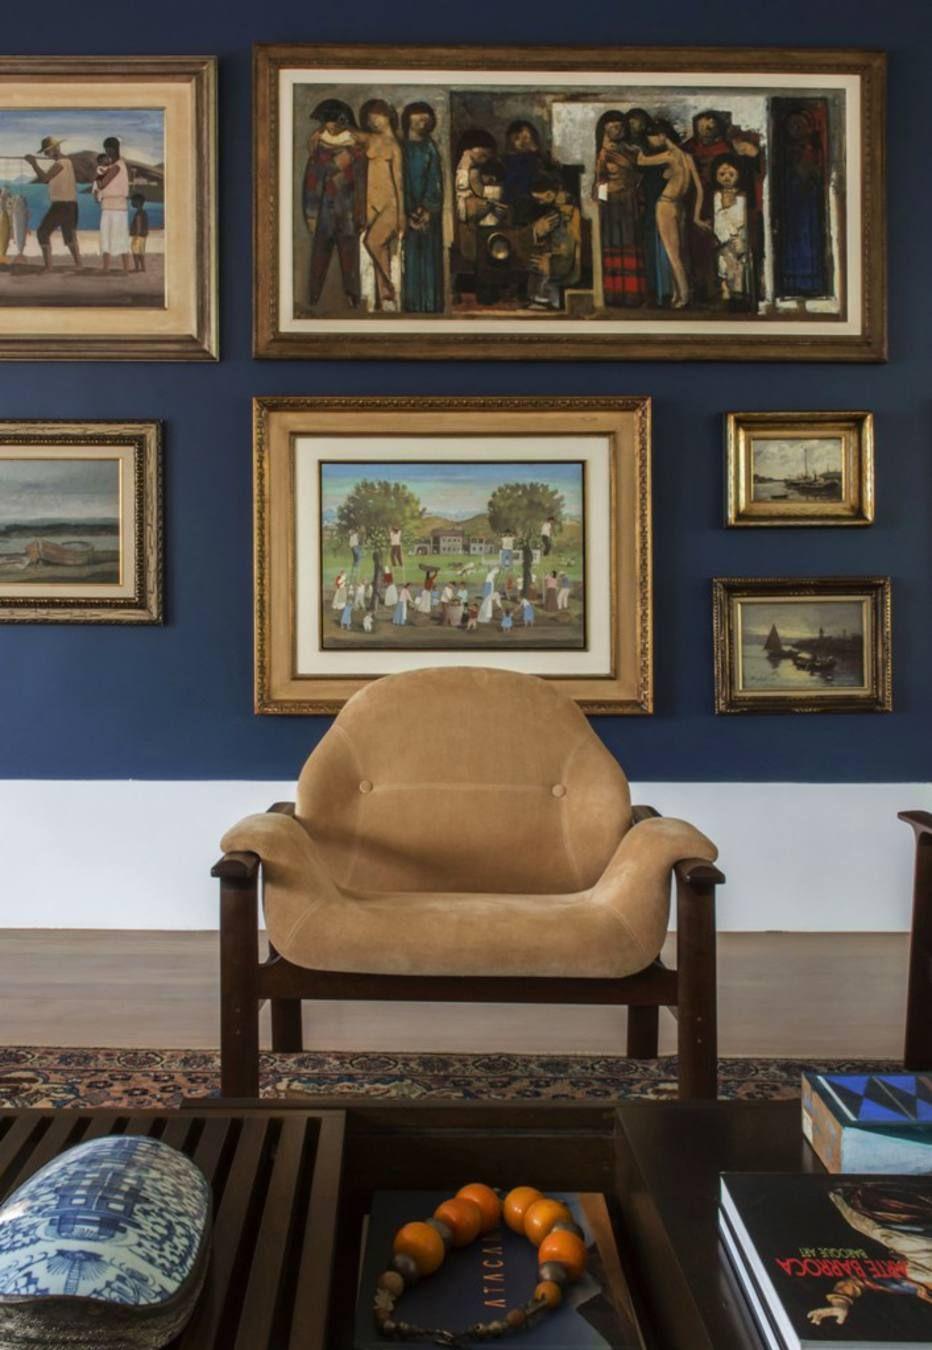 Casa foi construída a partir de azulejos trazidos de Portugal - Vida & Estilo - Estadão